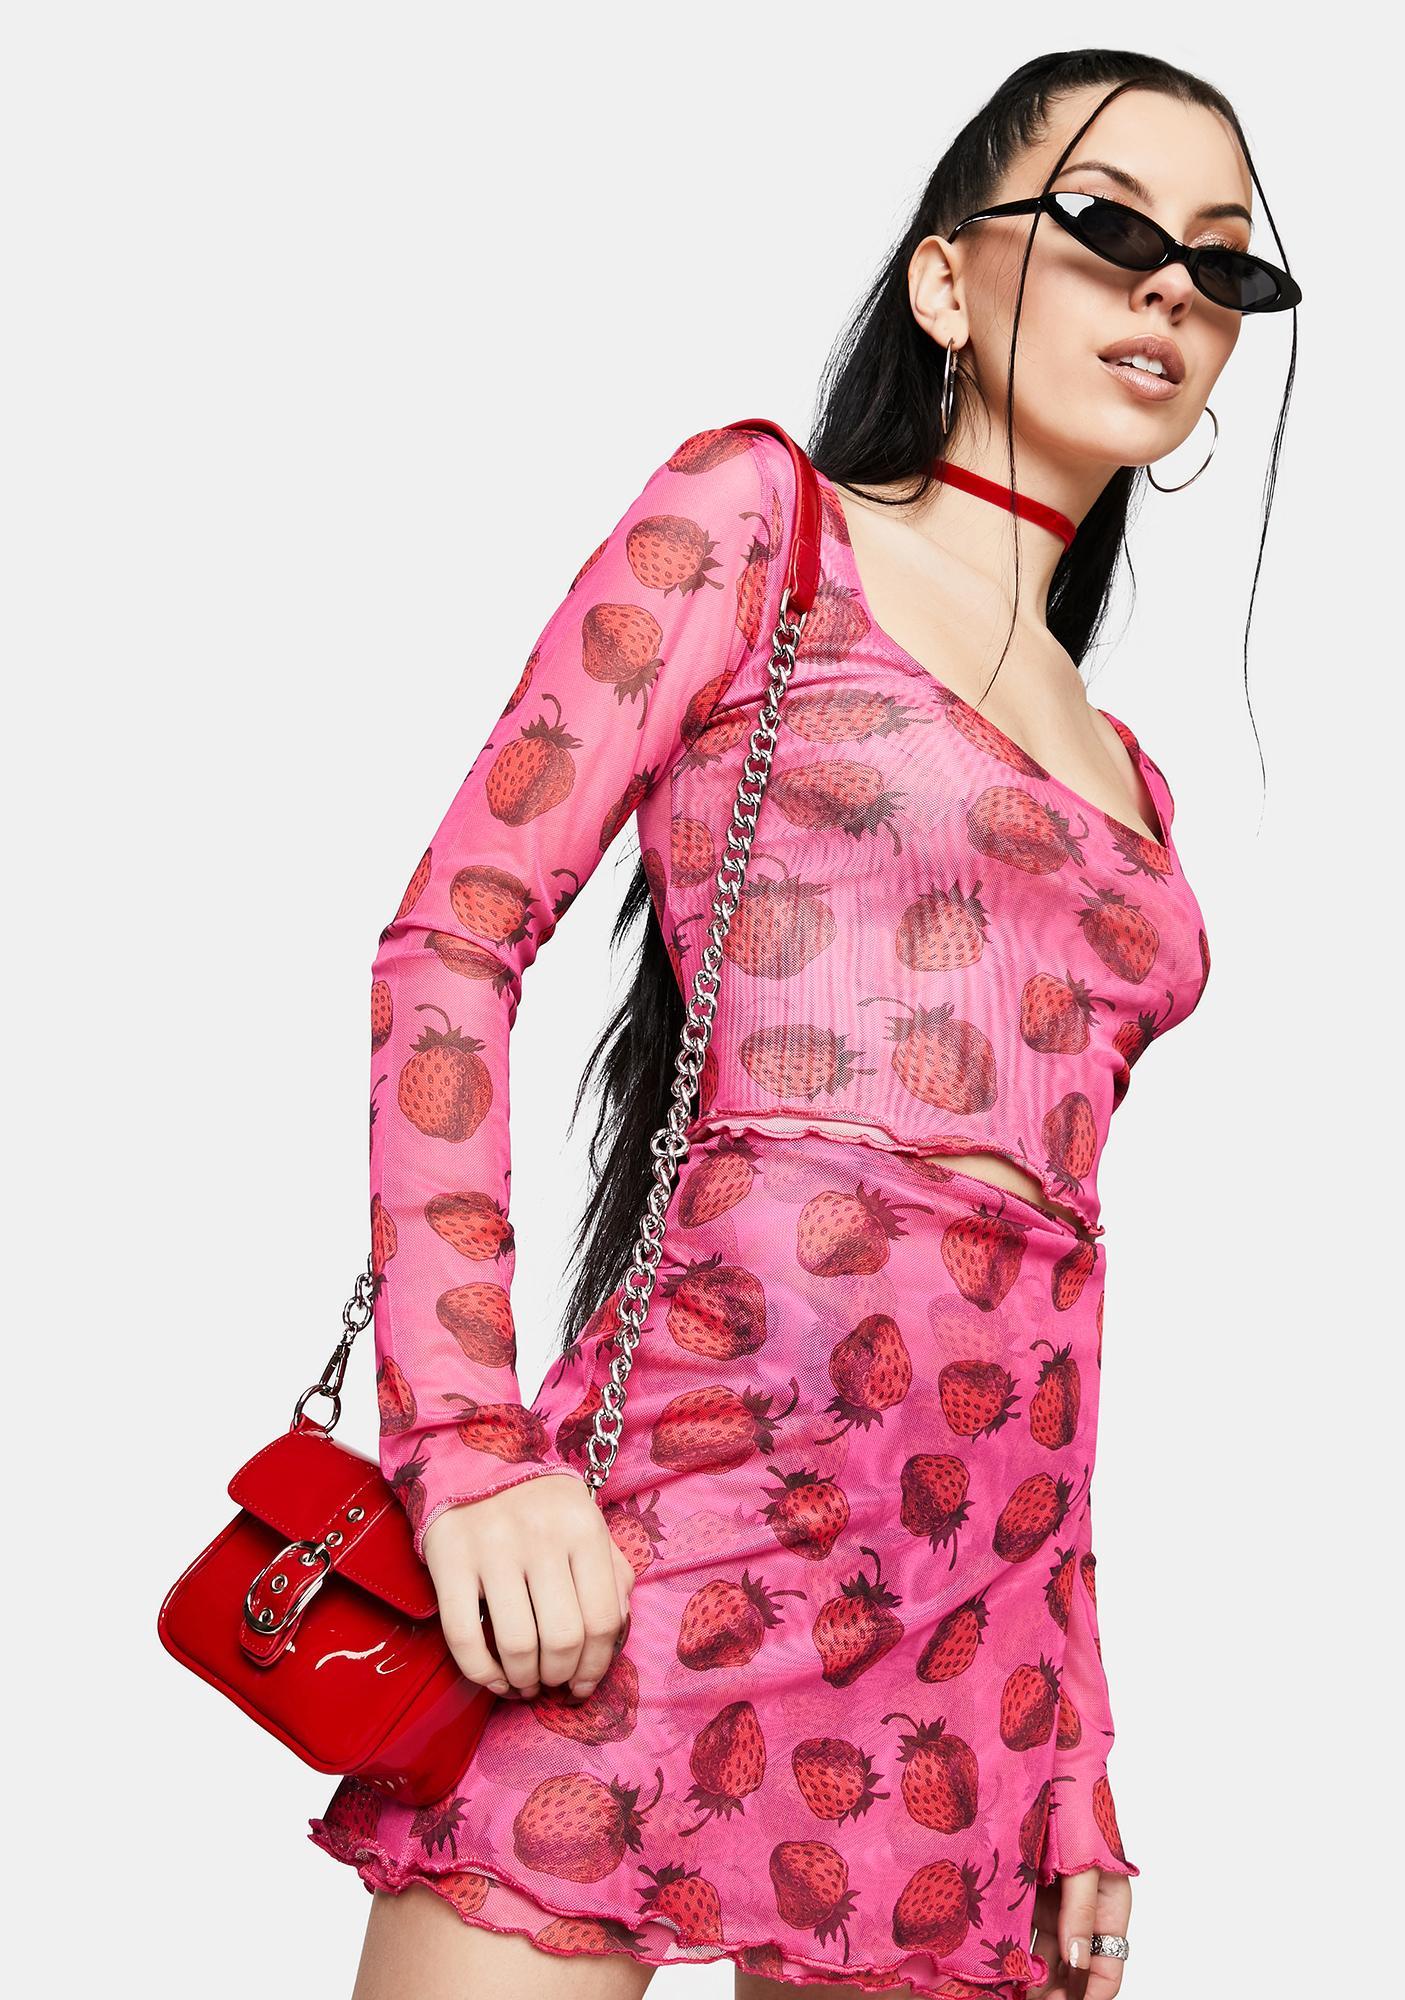 NEW GIRL ORDER Strawberry Mesh Mini Skirt